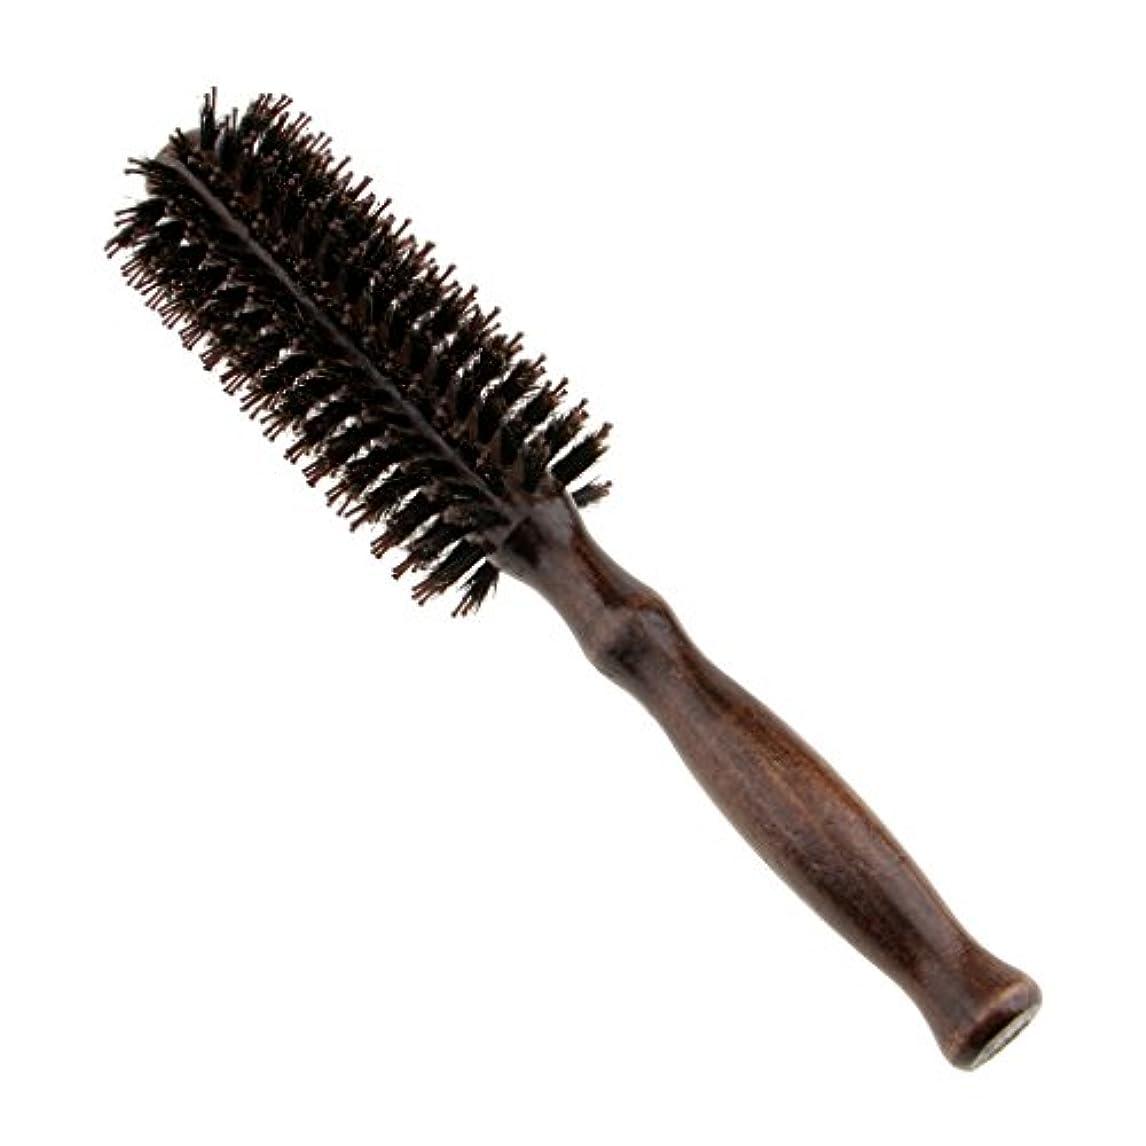 汚染期待して内なるラウンドウッドのハンドルヘアブラシの理髪美容カールヘアブラシのブラシ - #1